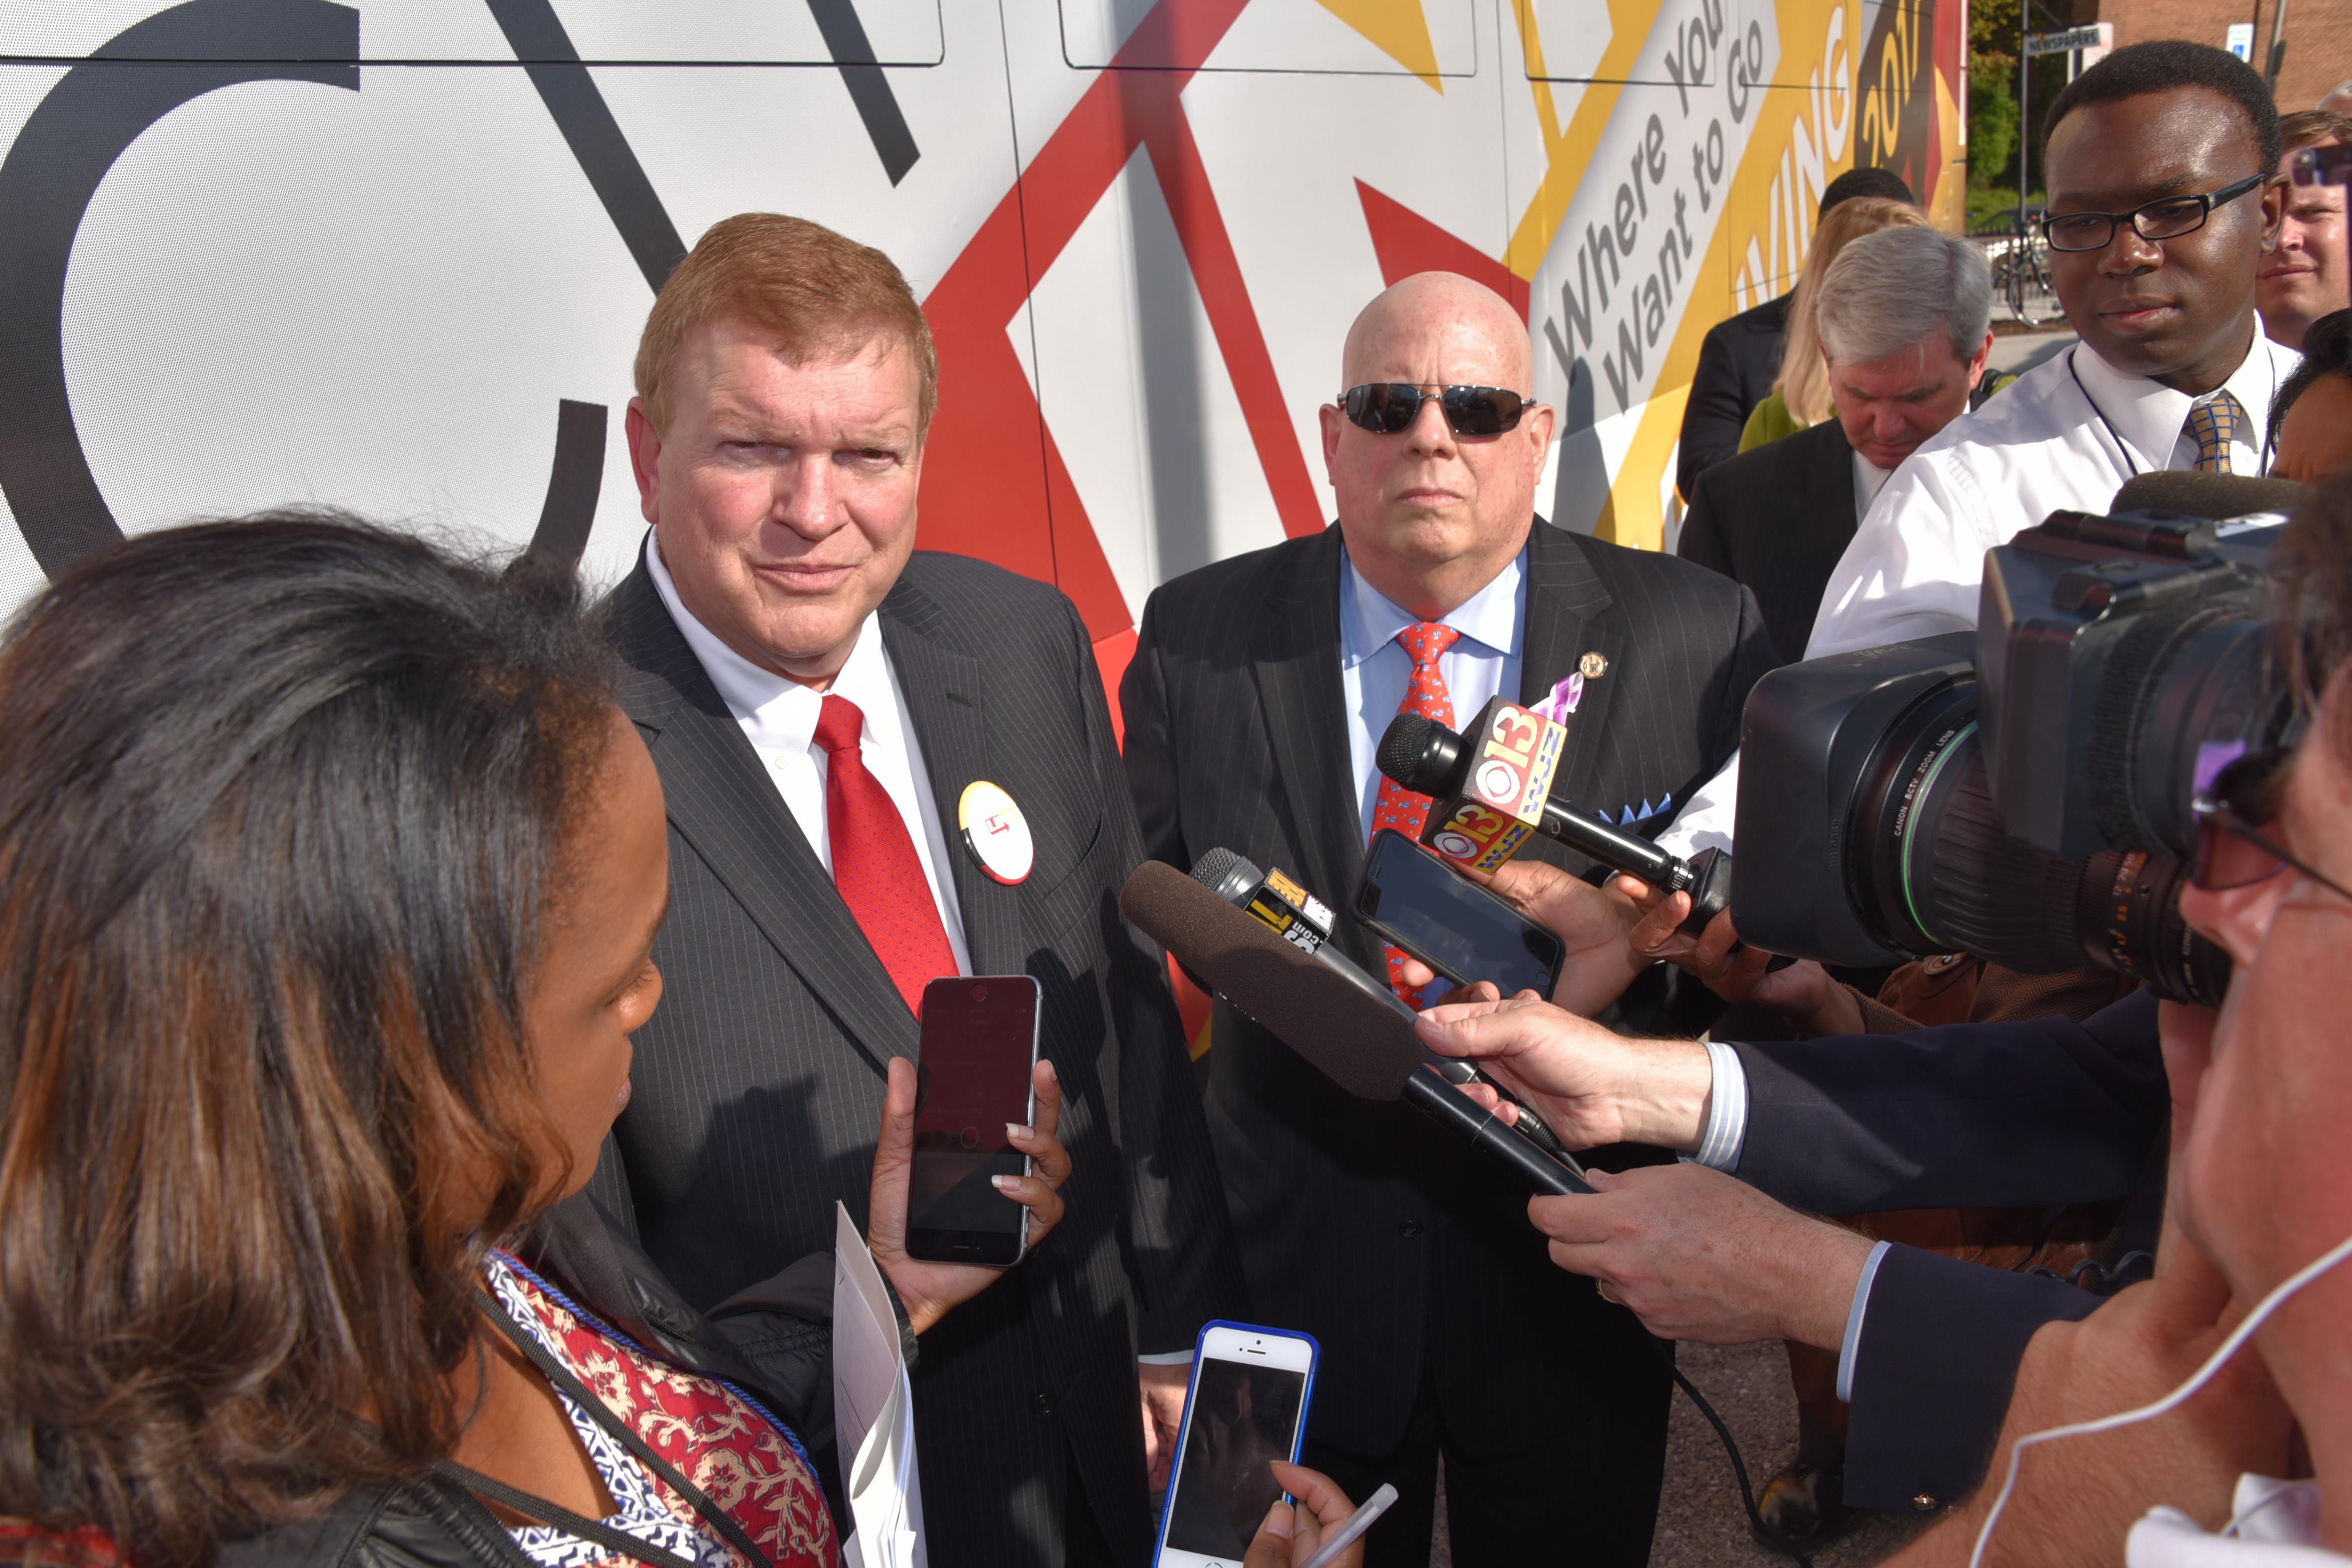 Rascovar on Hogan's hopes for bus transit